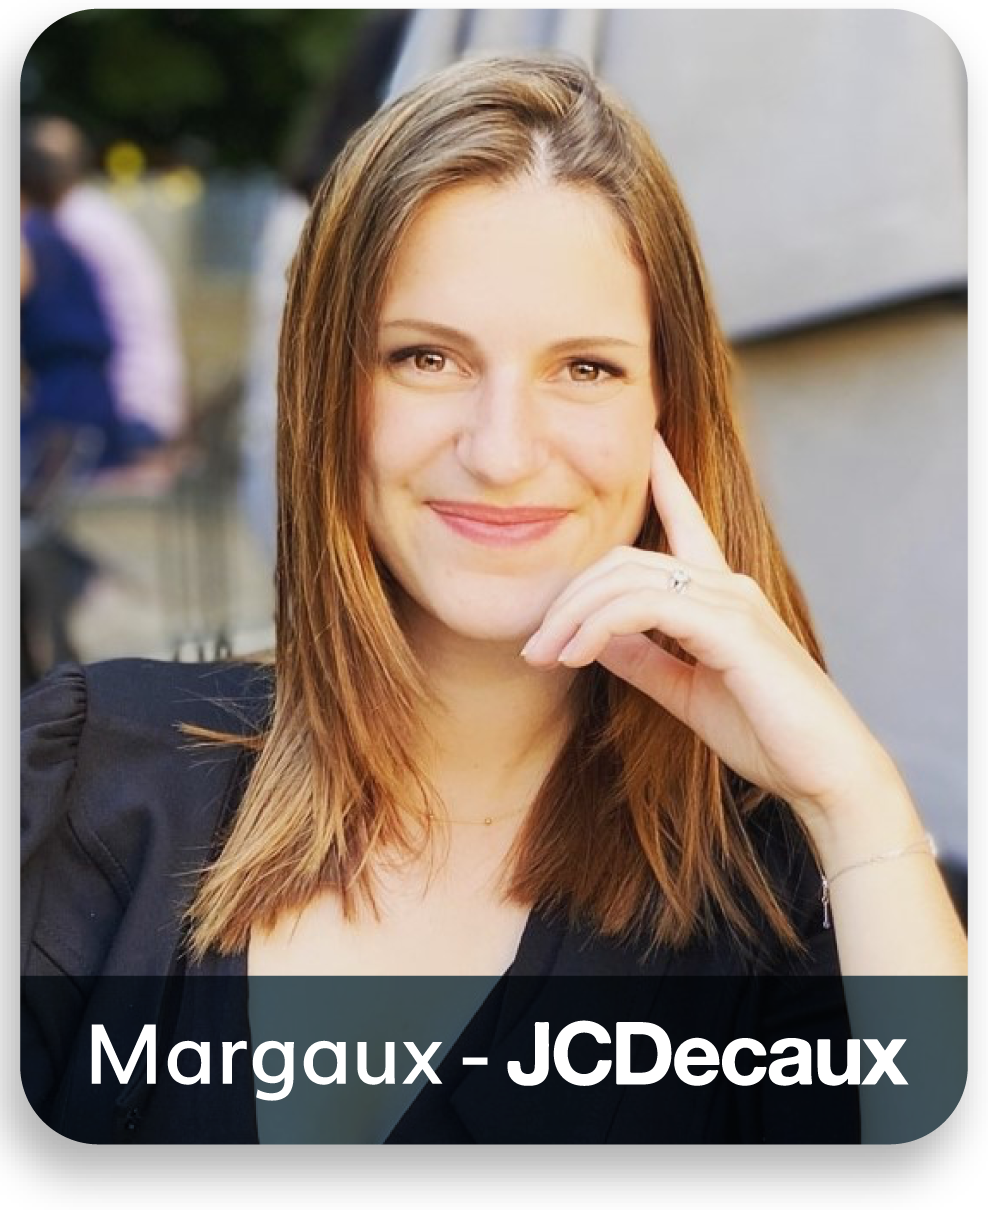 Margaux JC Decaux positive leader